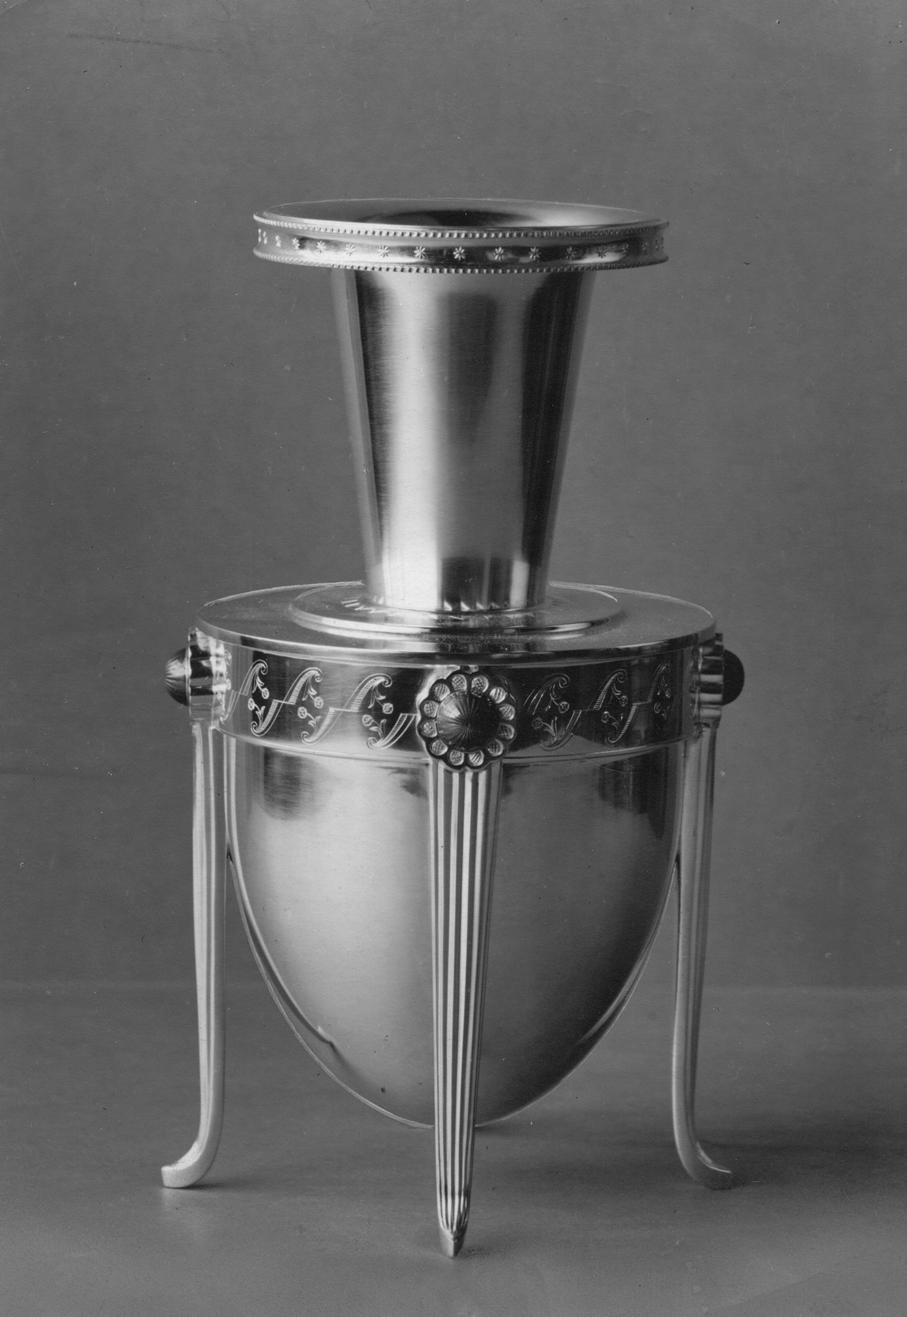 Guttorm Gagnes. Vase. Sølv og speilemalje. Utført ved David-Andersen. Ca. 1930. (Foto: Mats Linder)